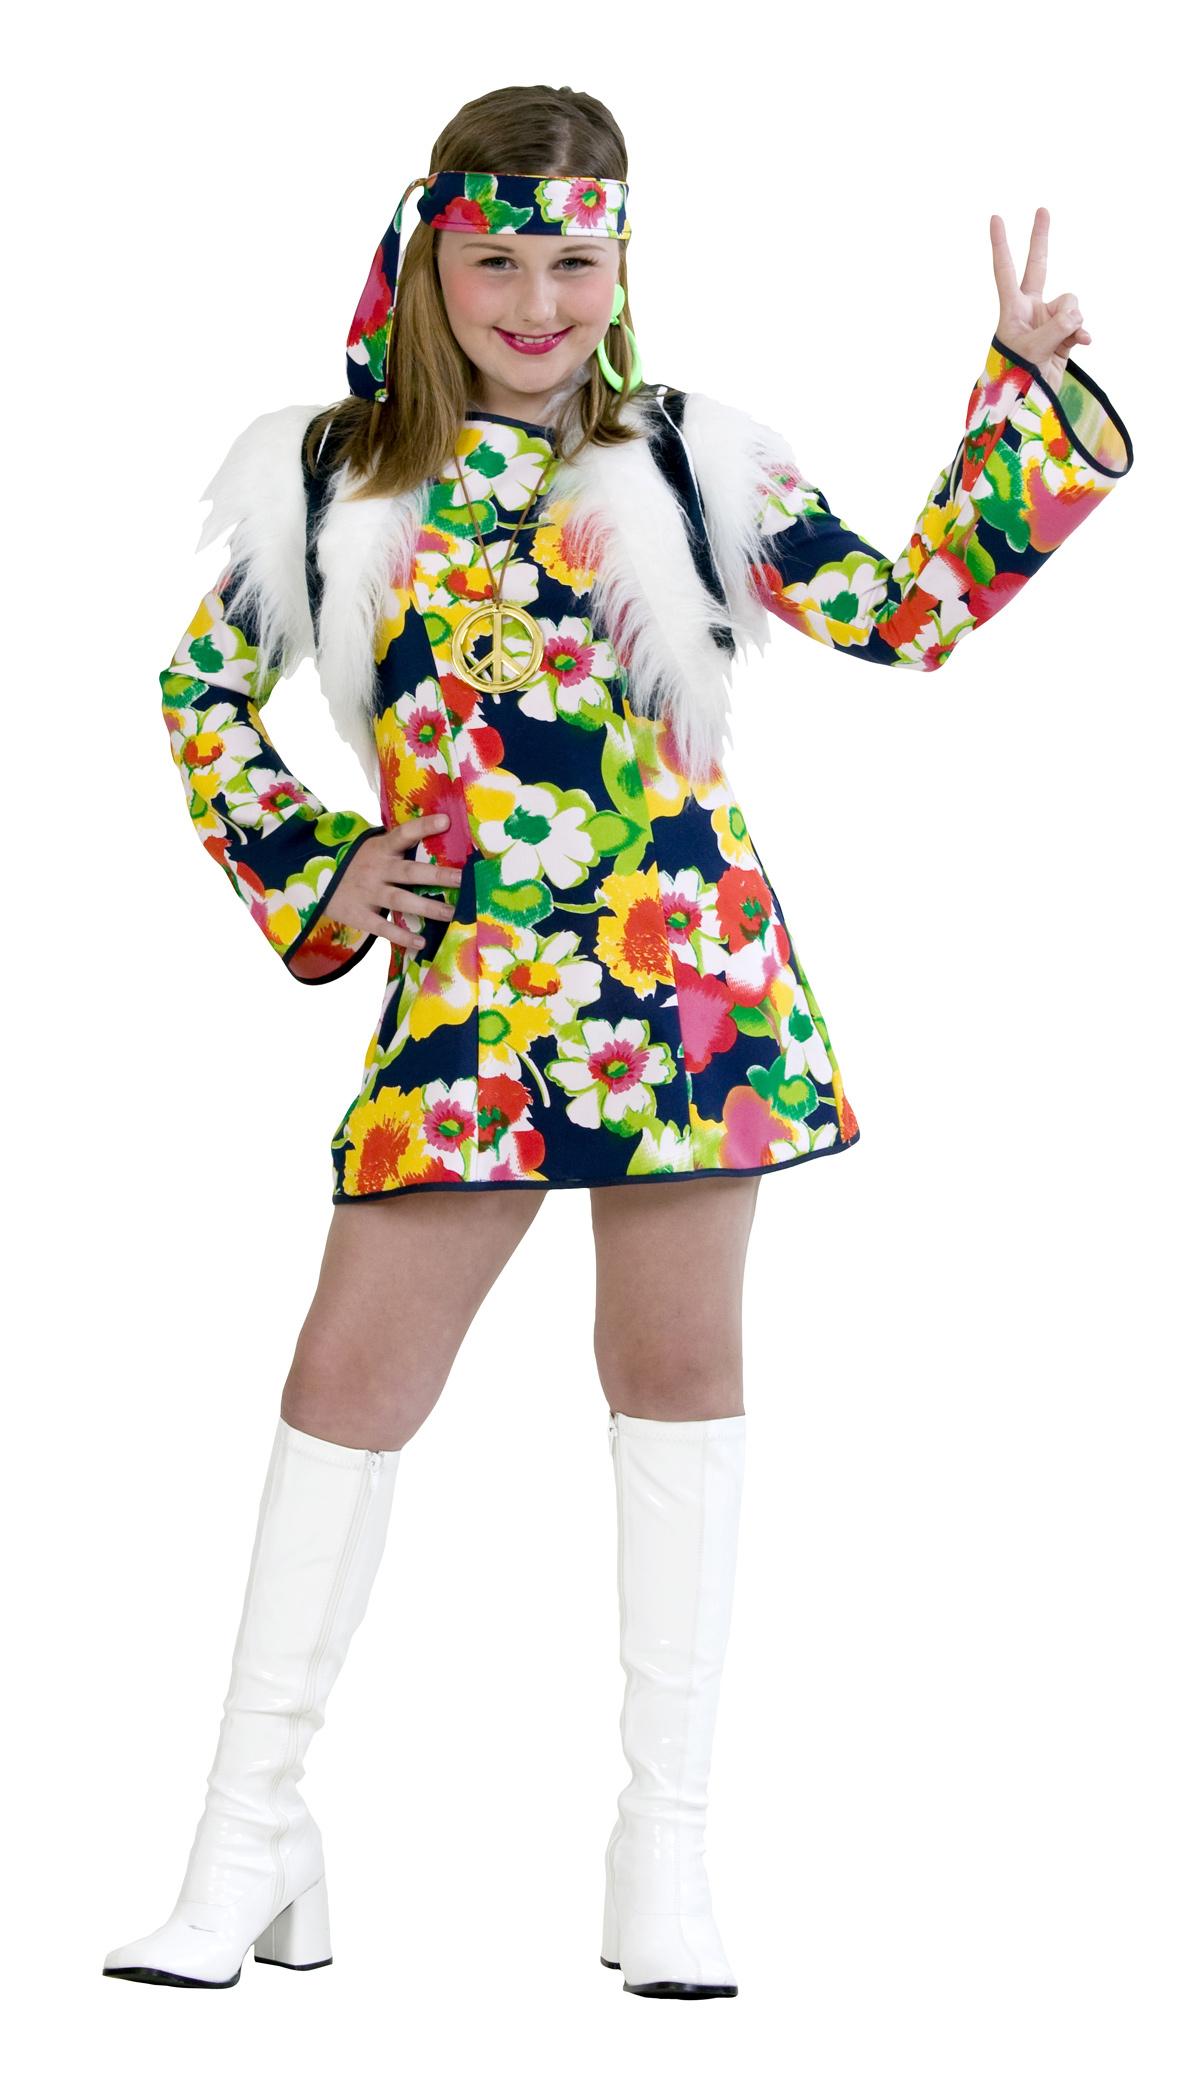 hippie girl 3 tlg kleid weste stirnband bei. Black Bedroom Furniture Sets. Home Design Ideas